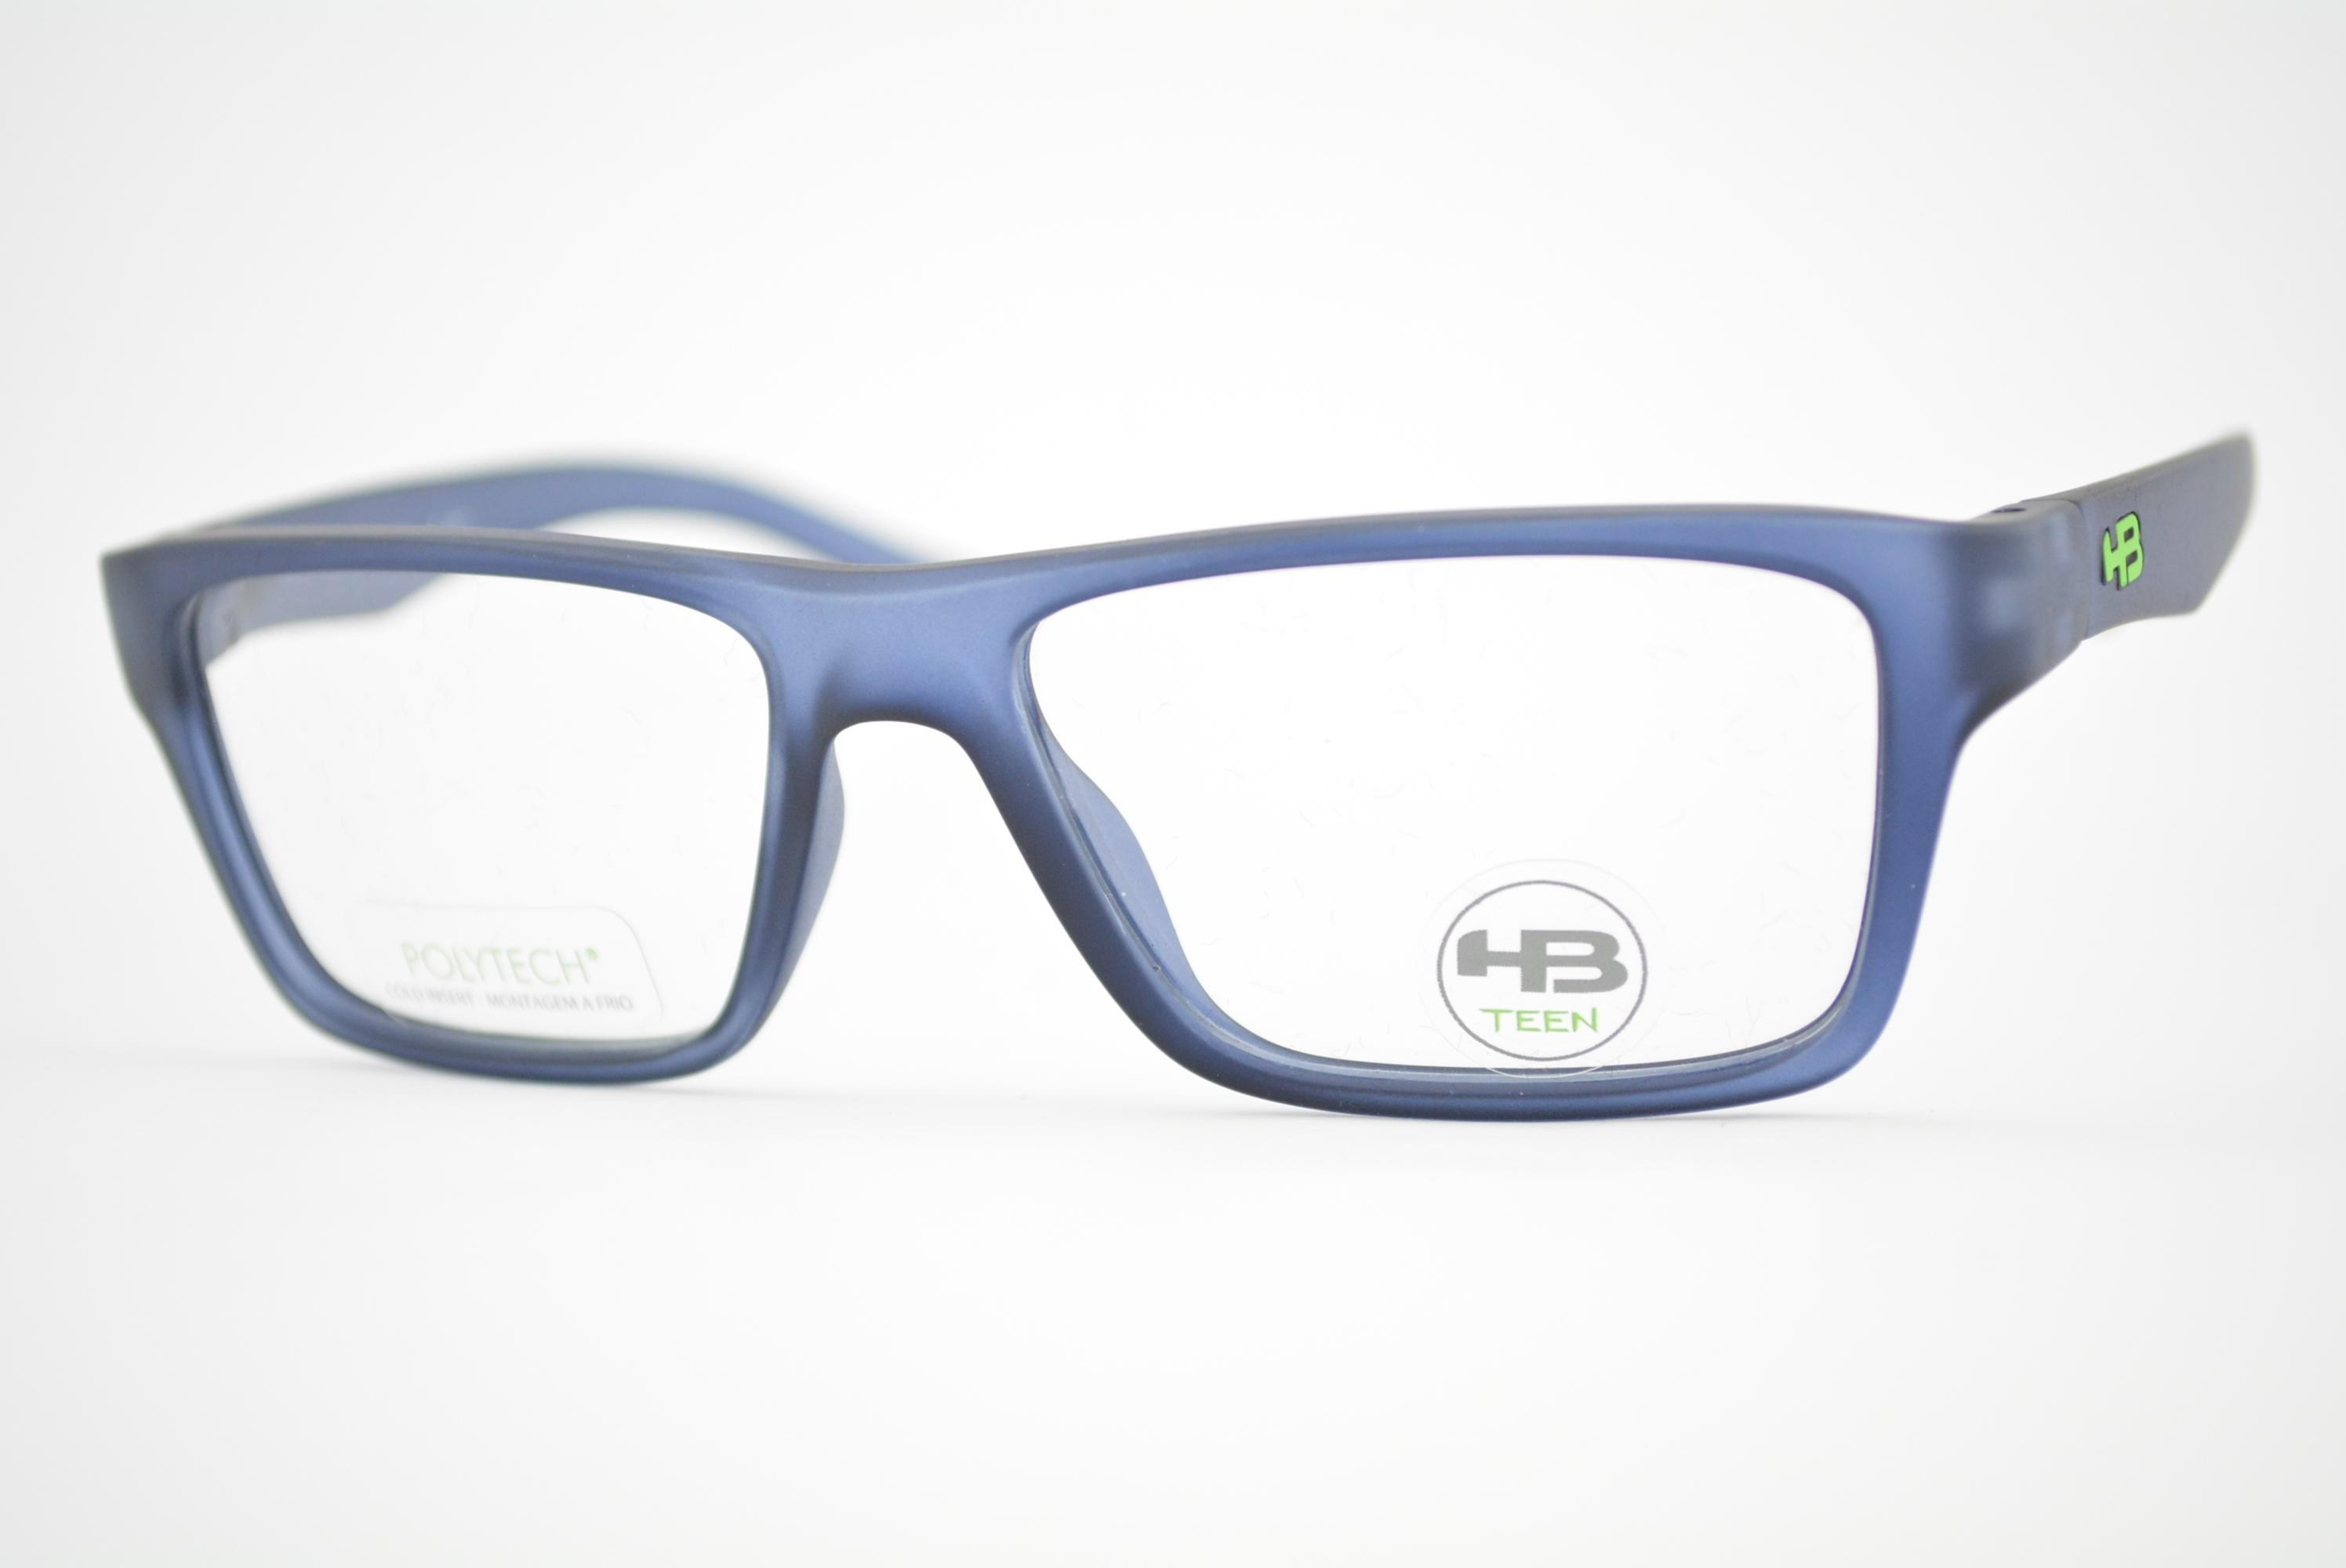 be24e58528258 armação de óculos HB Teen mod m.93126 c737 Ótica Cardoso